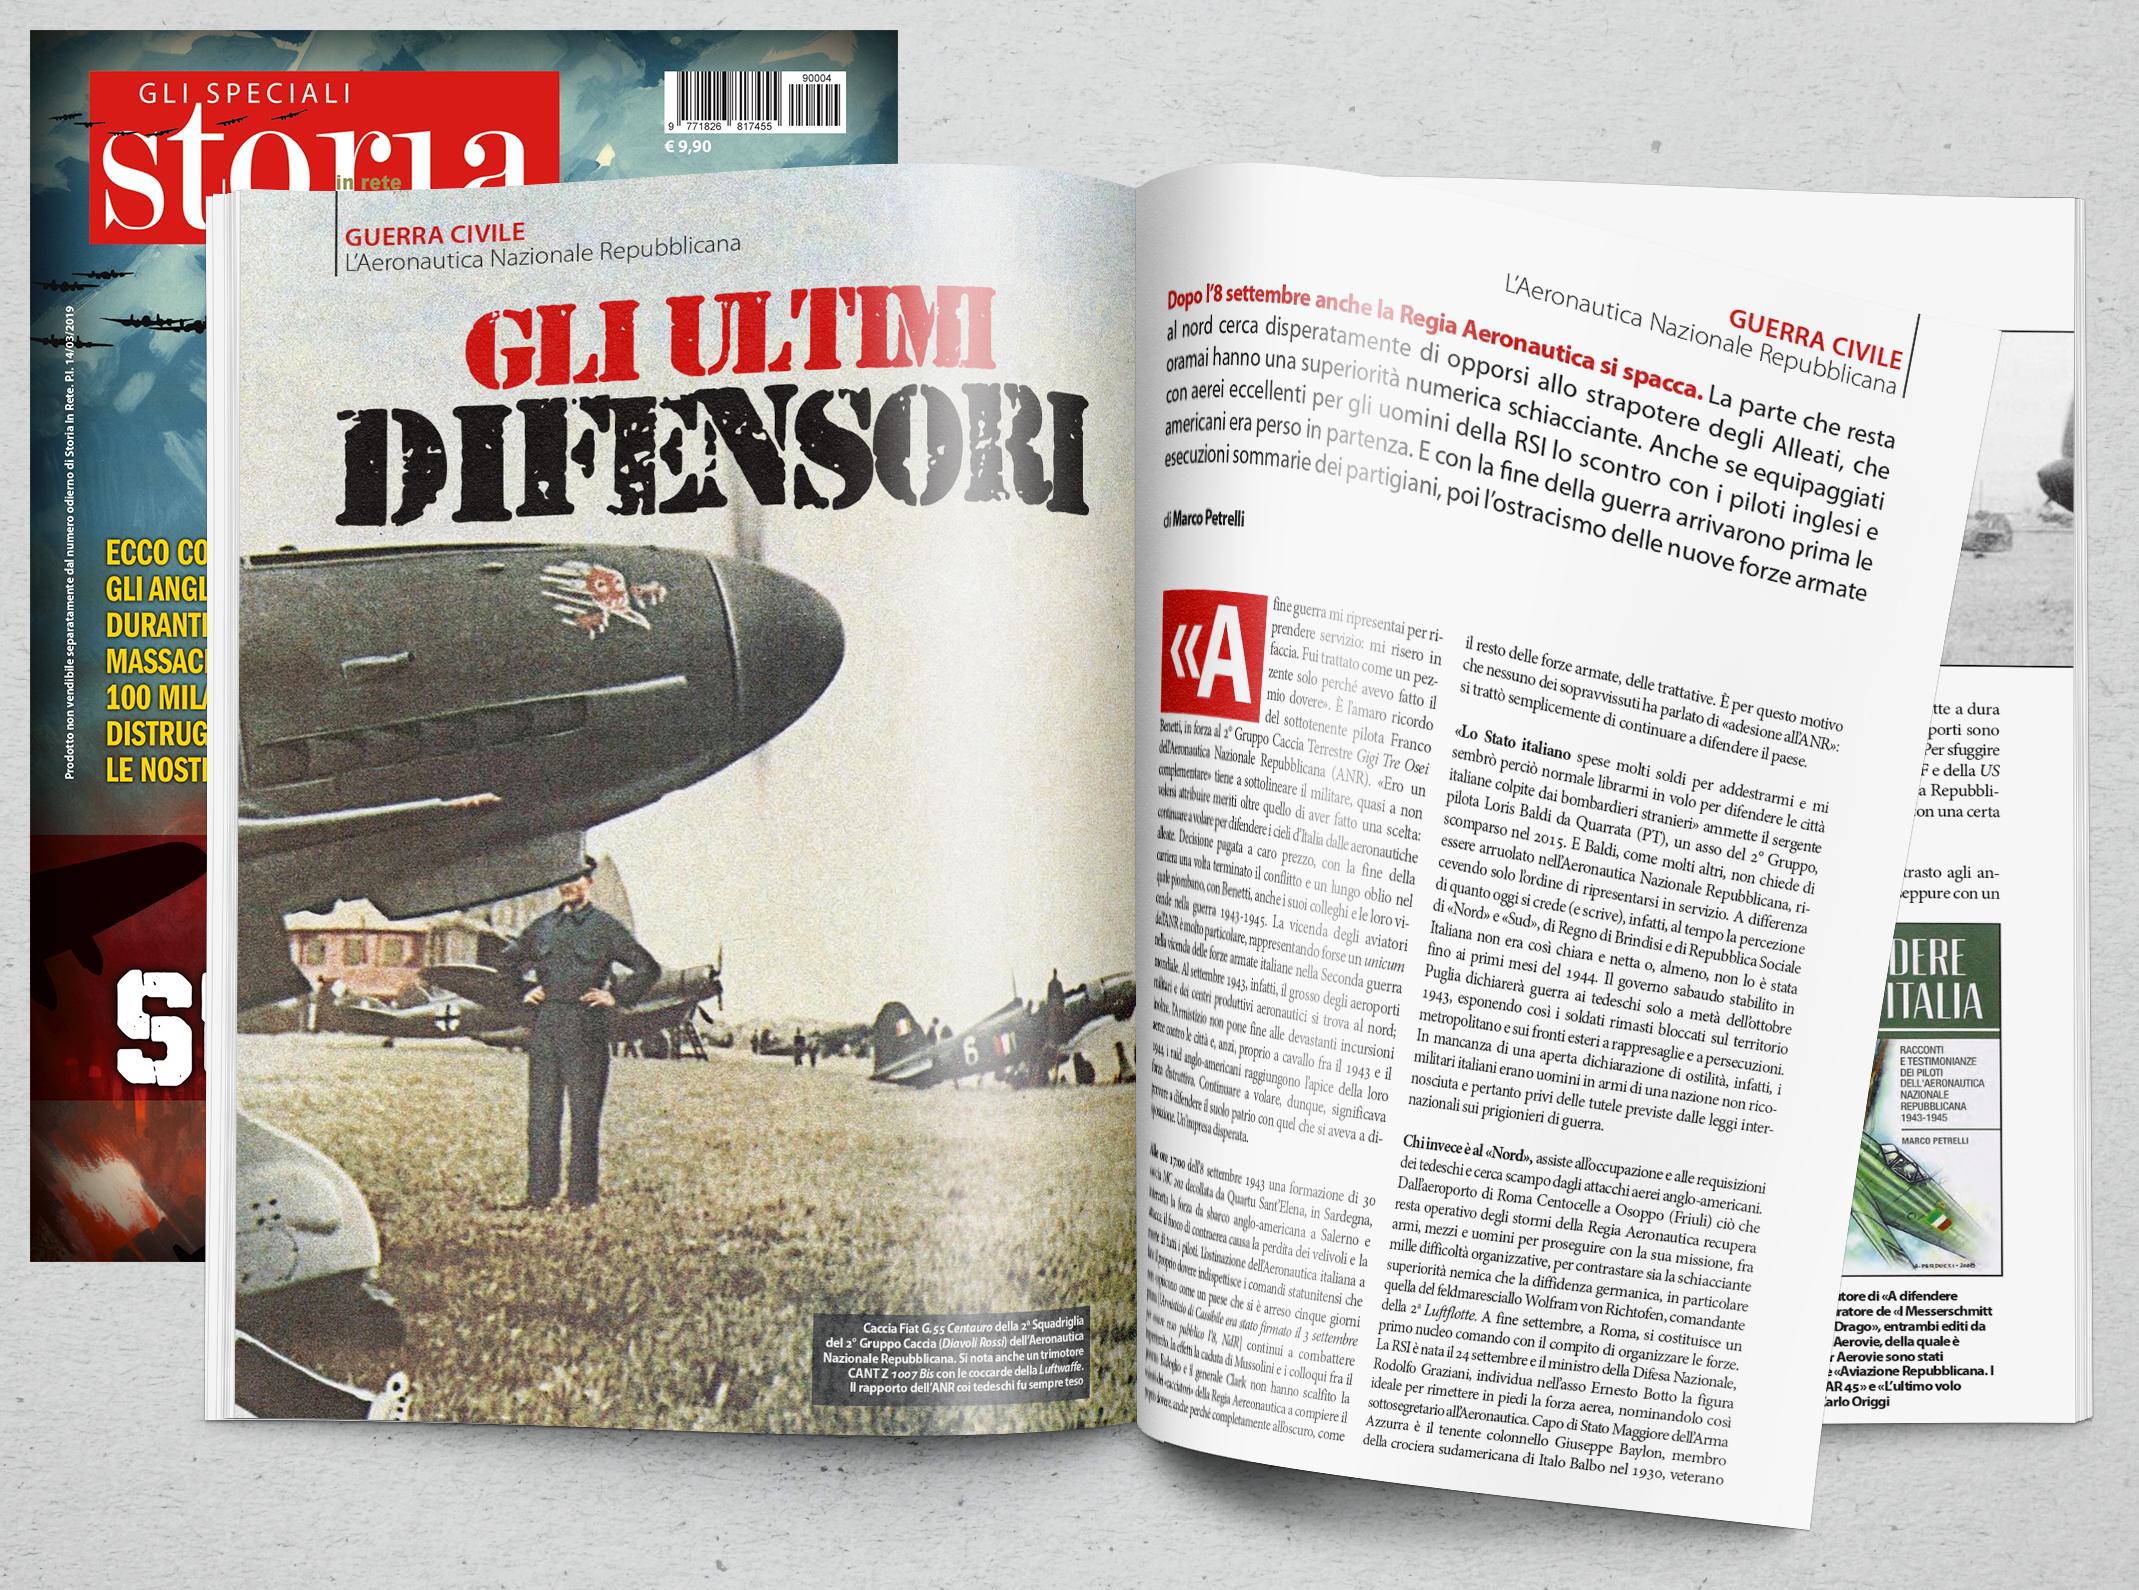 """Gli ultimi difensori (parte di """"Bombe sull'Italia""""), Storia In Rete """"Gli Speciali"""", agosto 2019"""